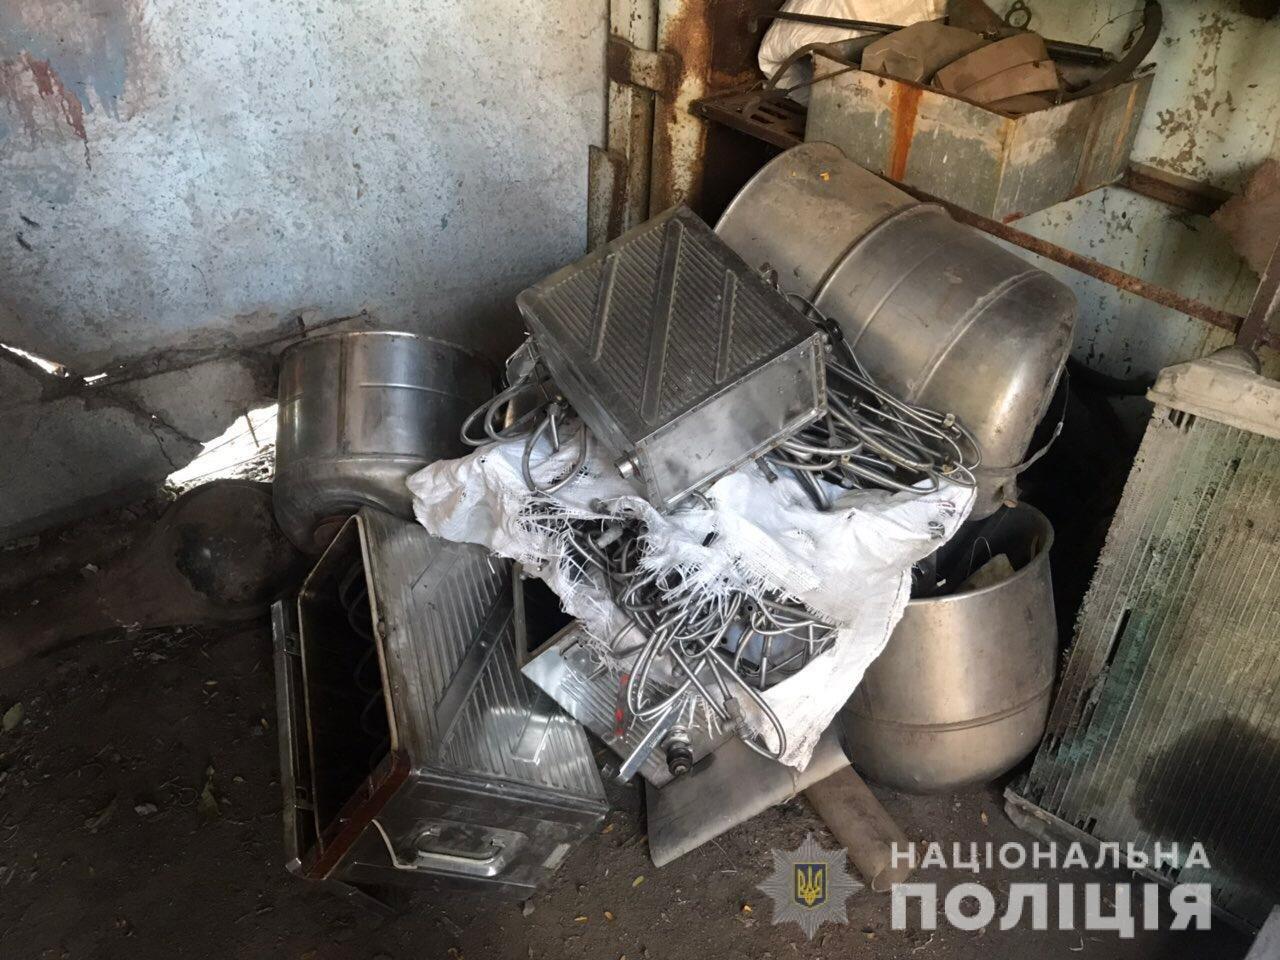 В Акимовке обнаружили незаконный пункт приема металлолома, - ФОТО, фото-2